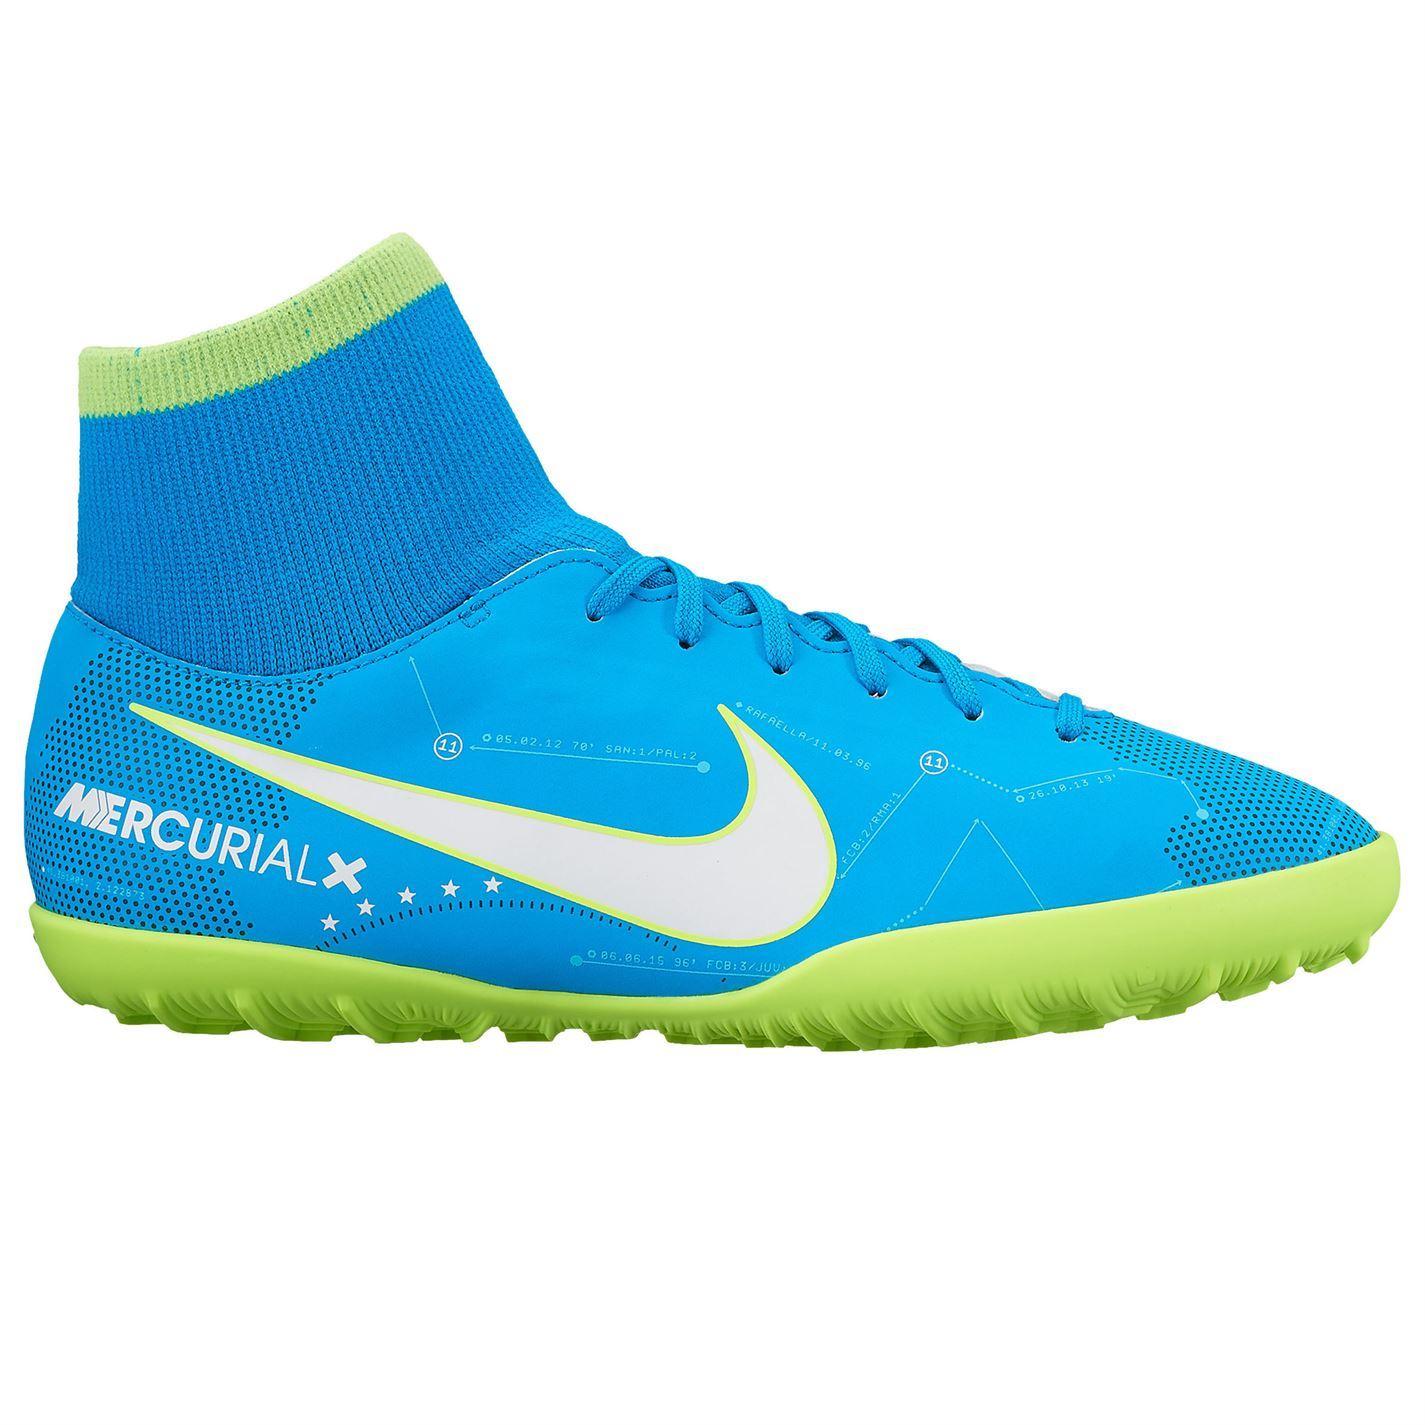 Dettagli su Nike MERCURIAL VICTORY NEYMAR Astro Calcio Scarpe Da Ginnastica Per Ragazzi Blu Scarpe Da Calcio mostra il titolo originale